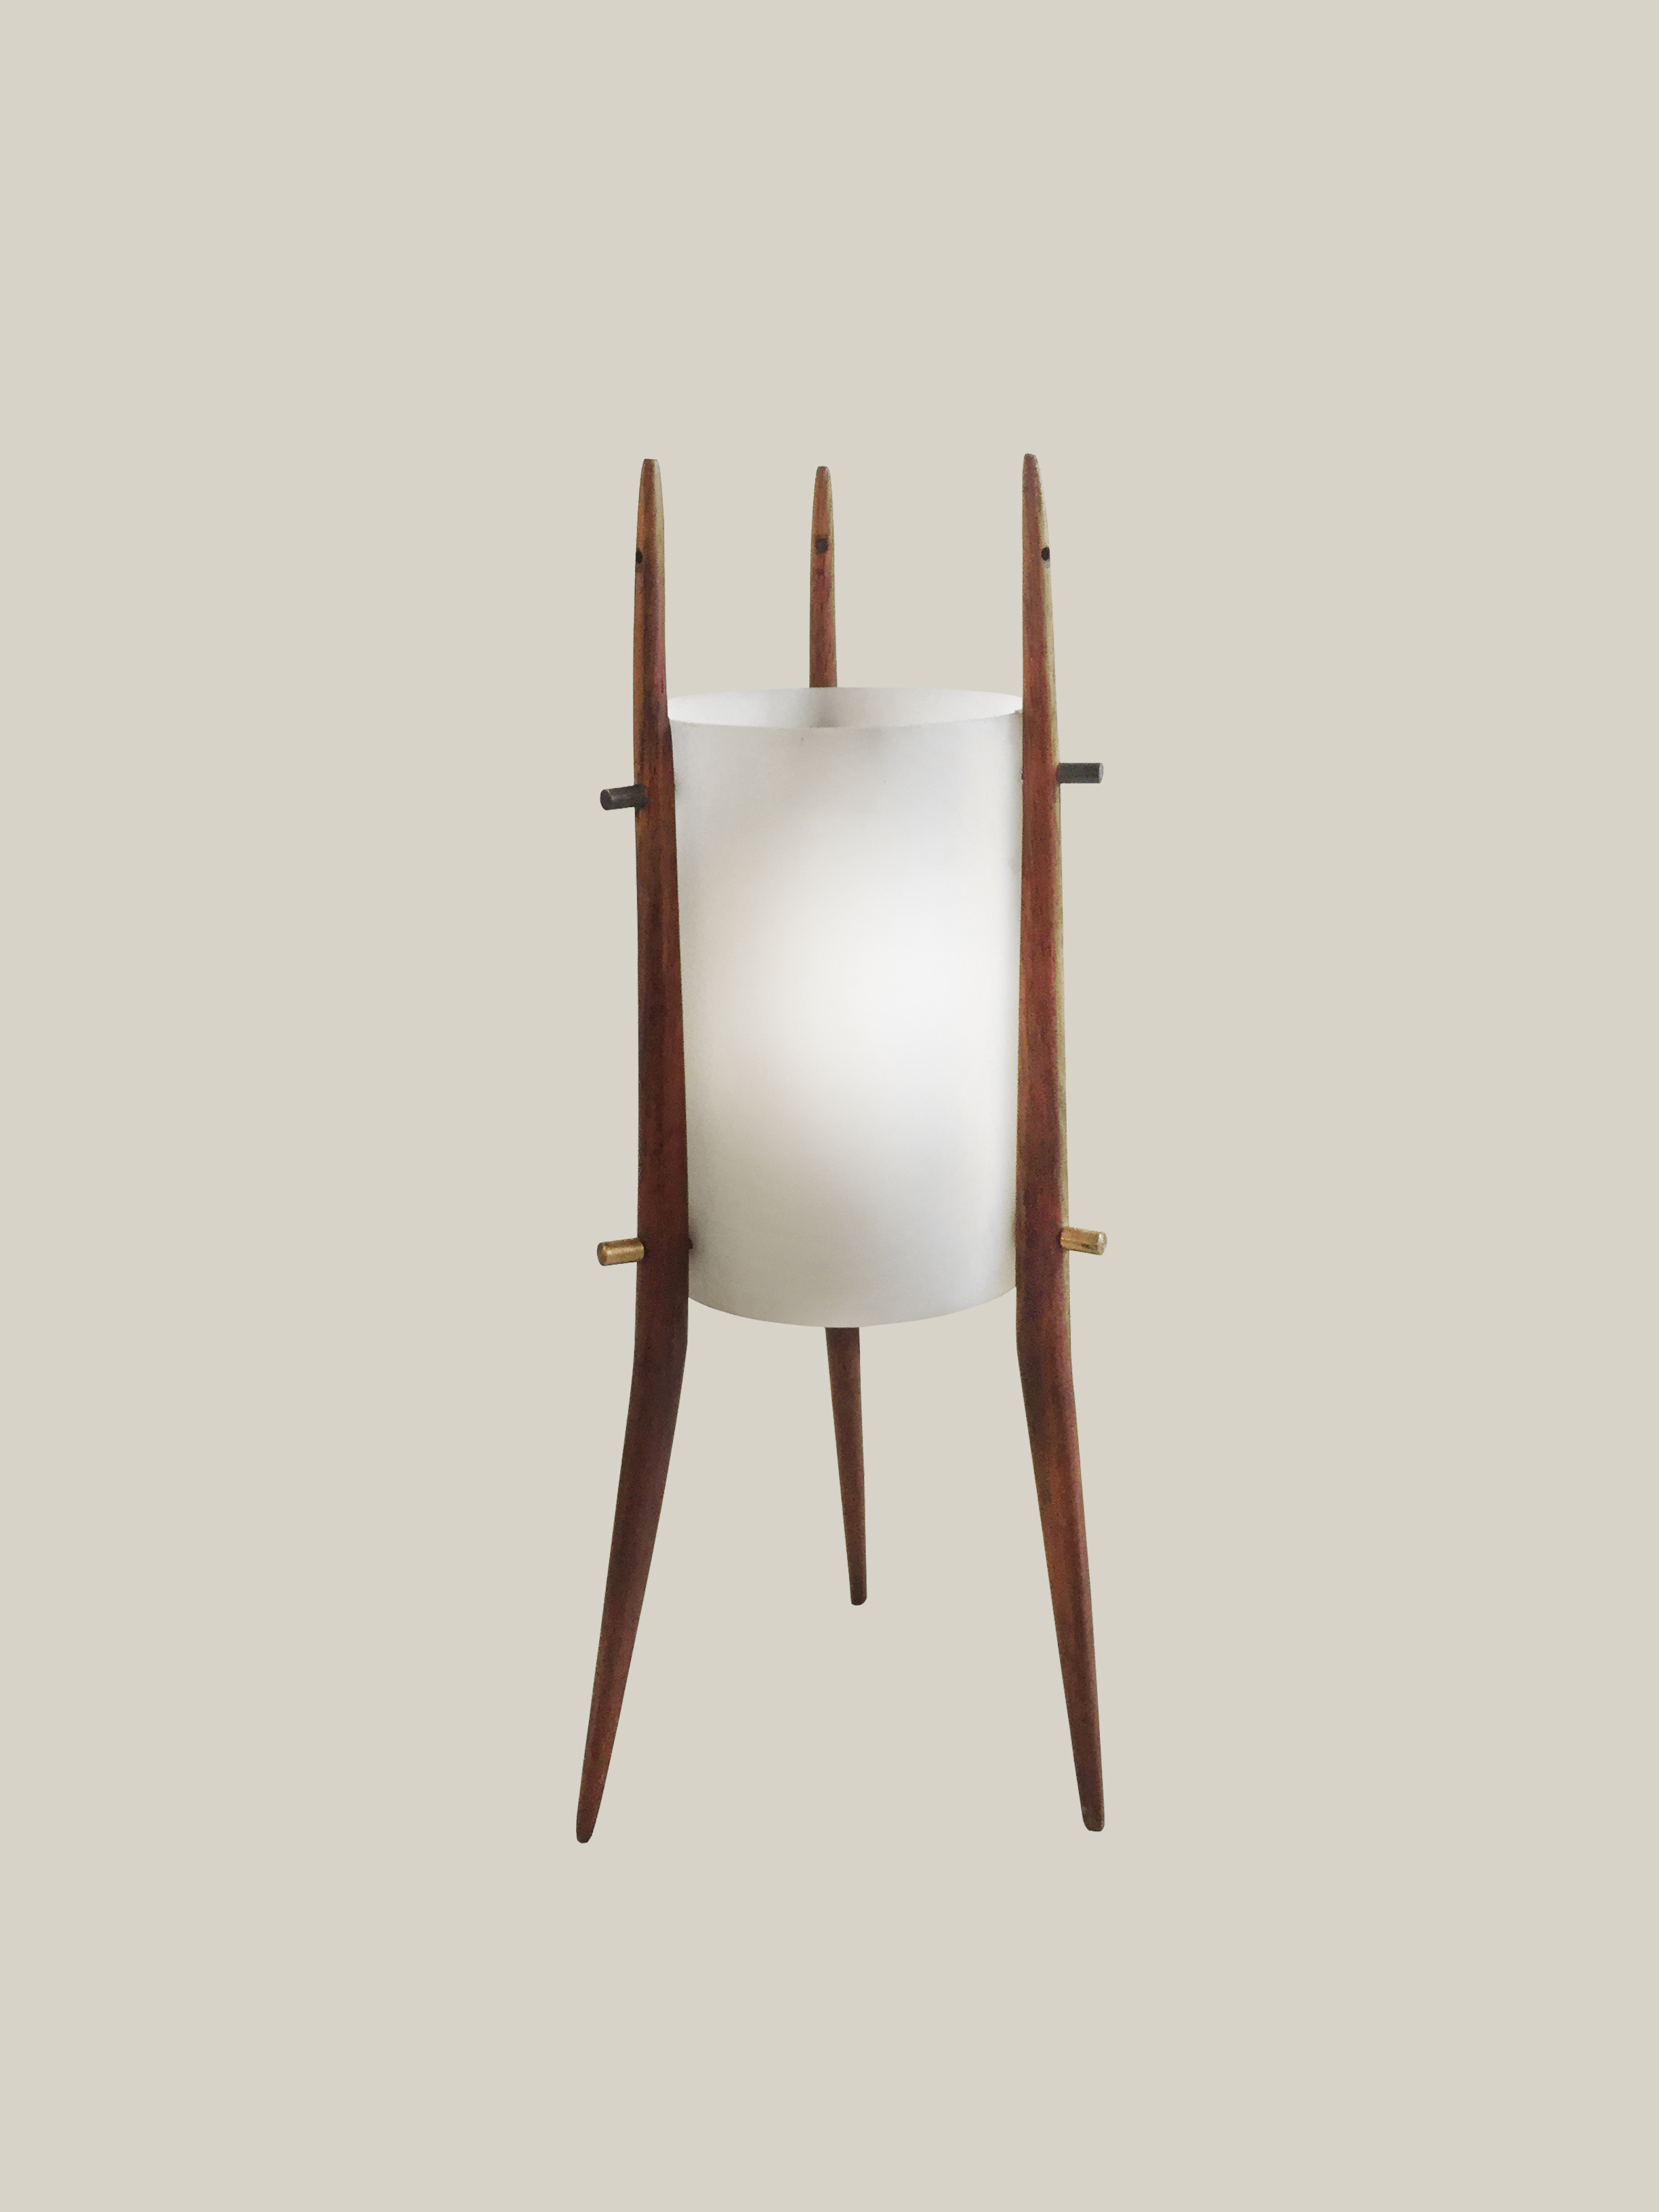 Petite lampe danoise 1